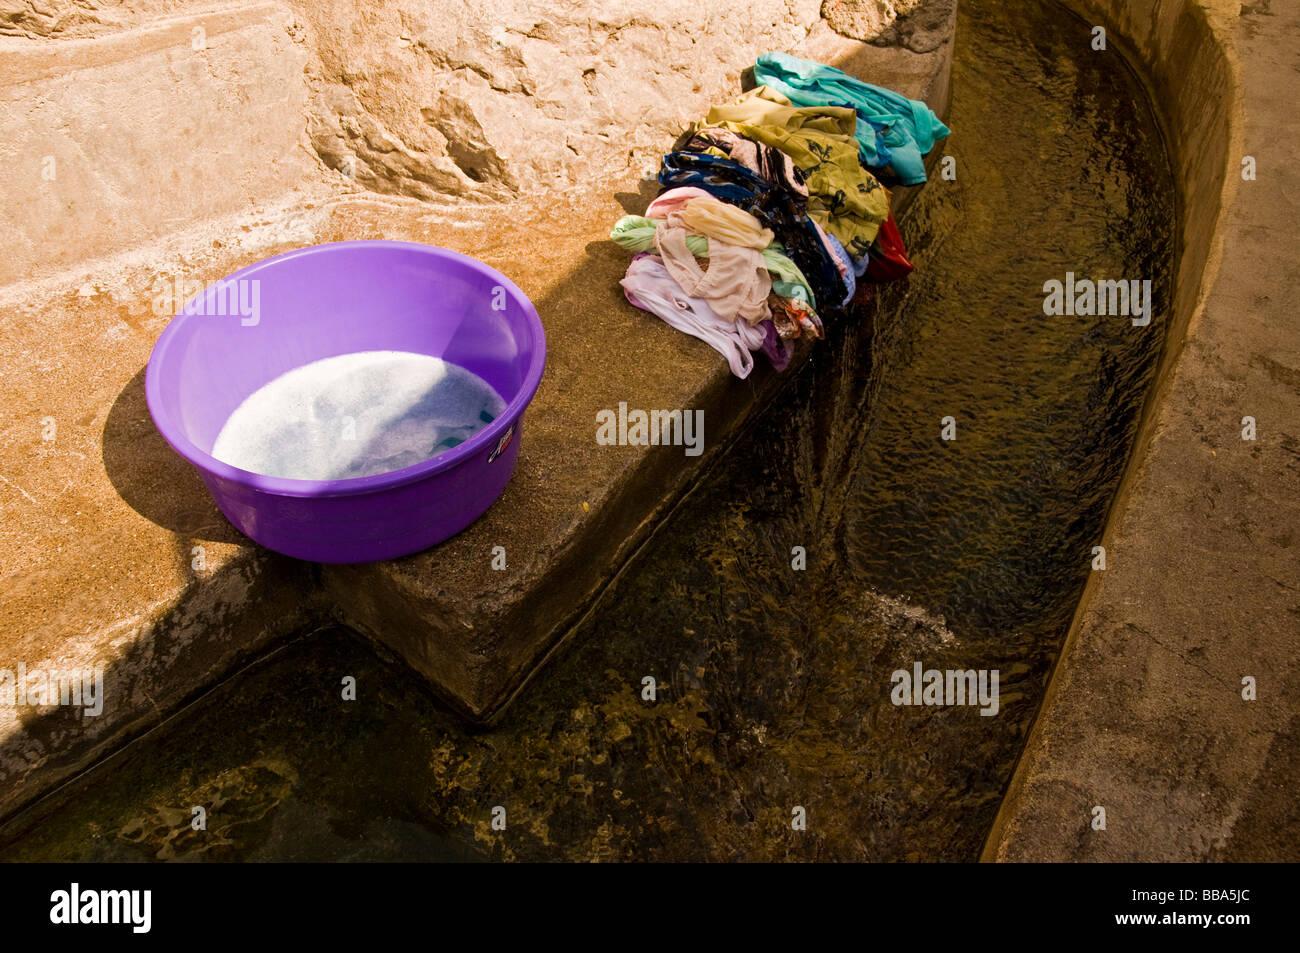 Aflaj ancient water irrigation system in the village of Misfat Al Abriyyin in Jabal Al Akhdar, Dhakiliya region - Stock Image